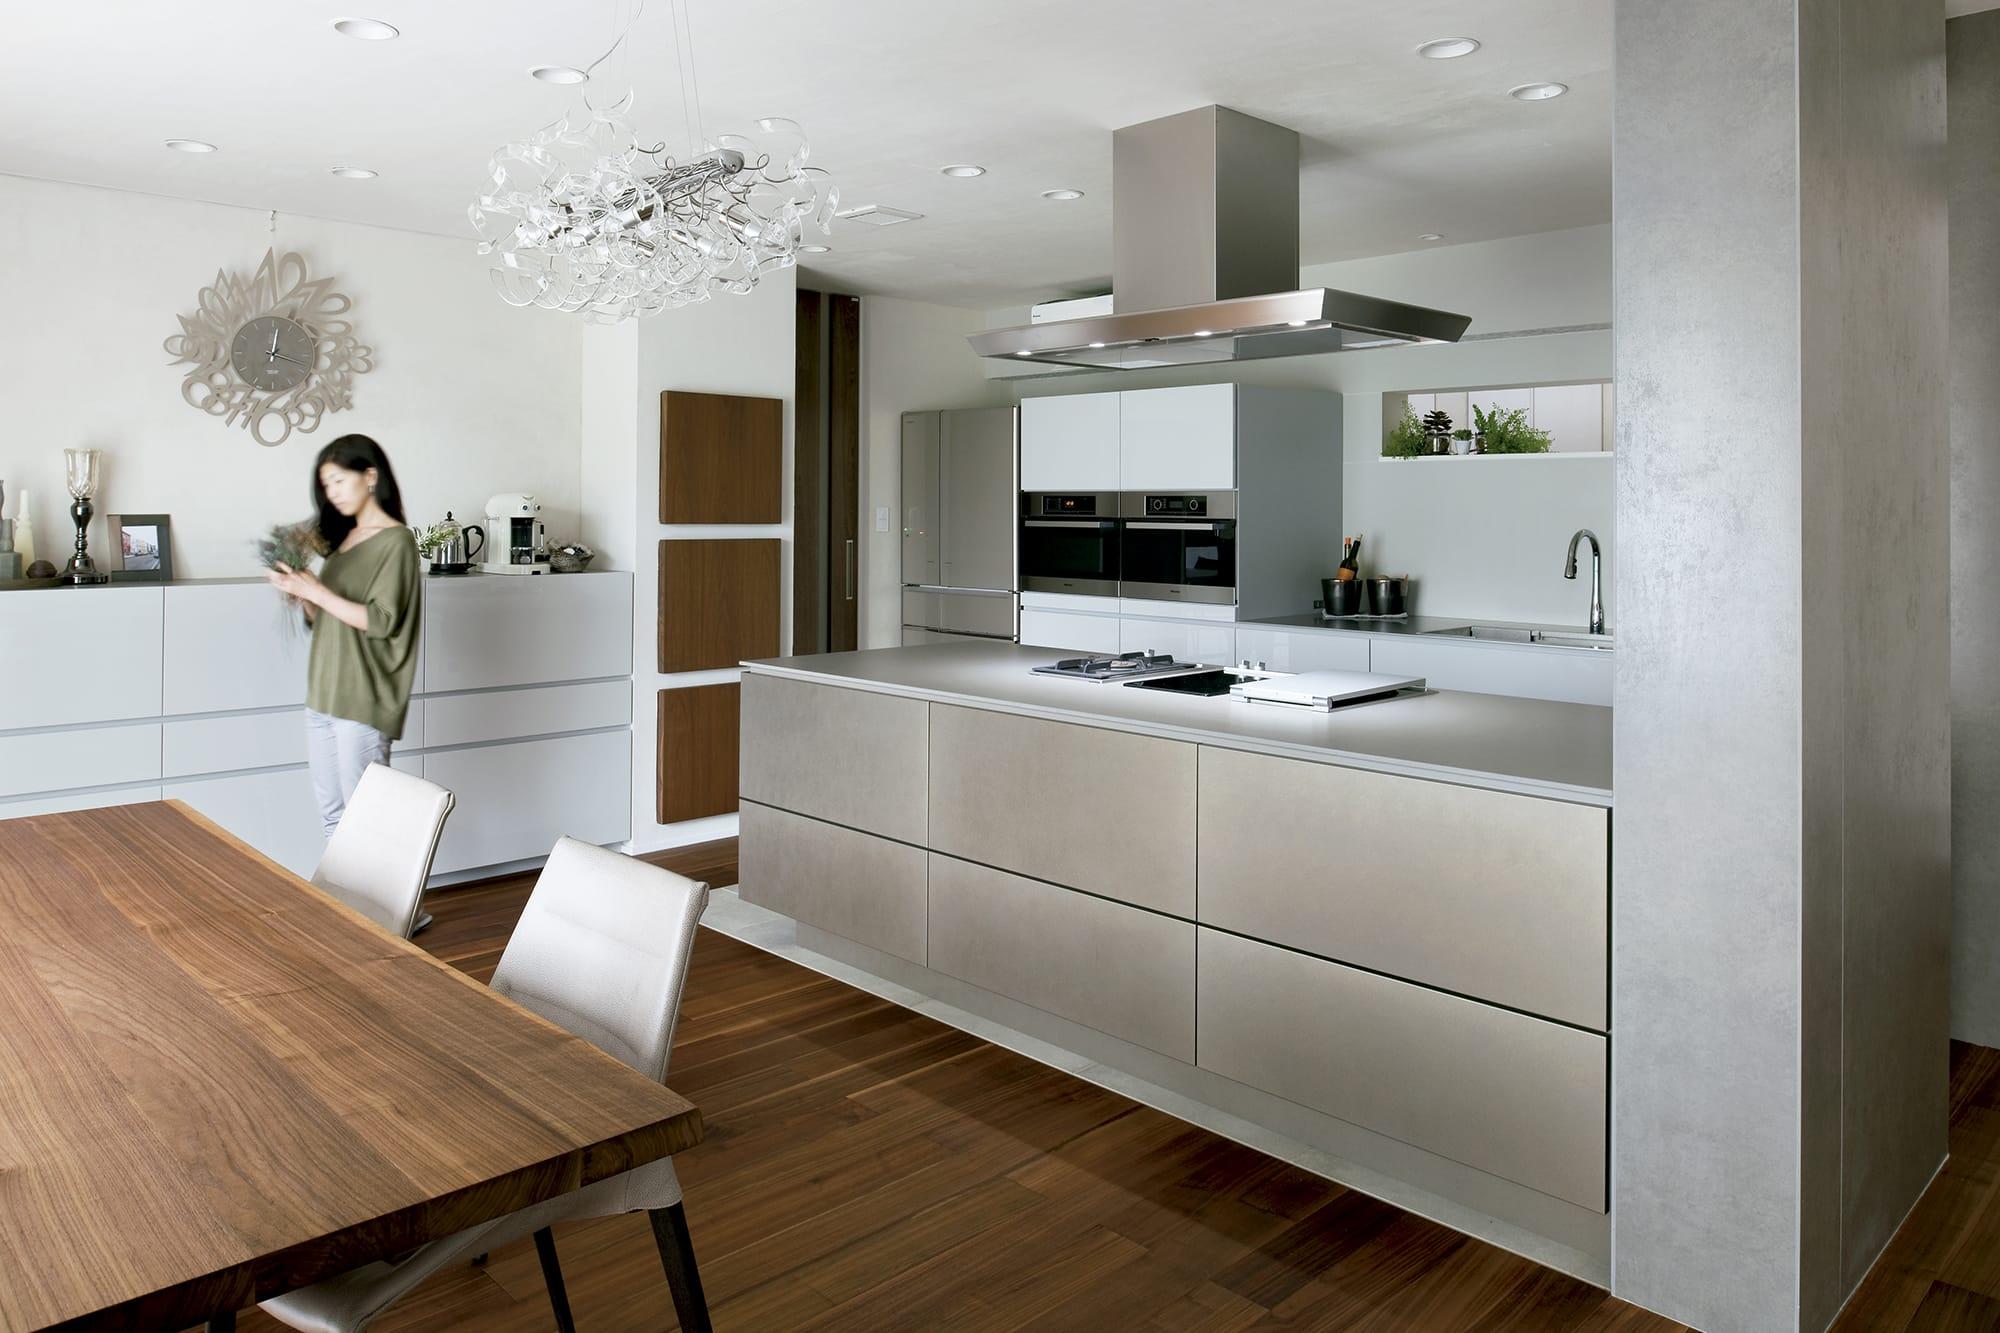 シルバーブラウンカラーに加工したアルミ材を使用したキッチン。光によって変化する色や風合いを楽しめる空間だ。キッチン製作=アムスタイル/住宅設計=青島裕之 Photography by Yukinori Okamura